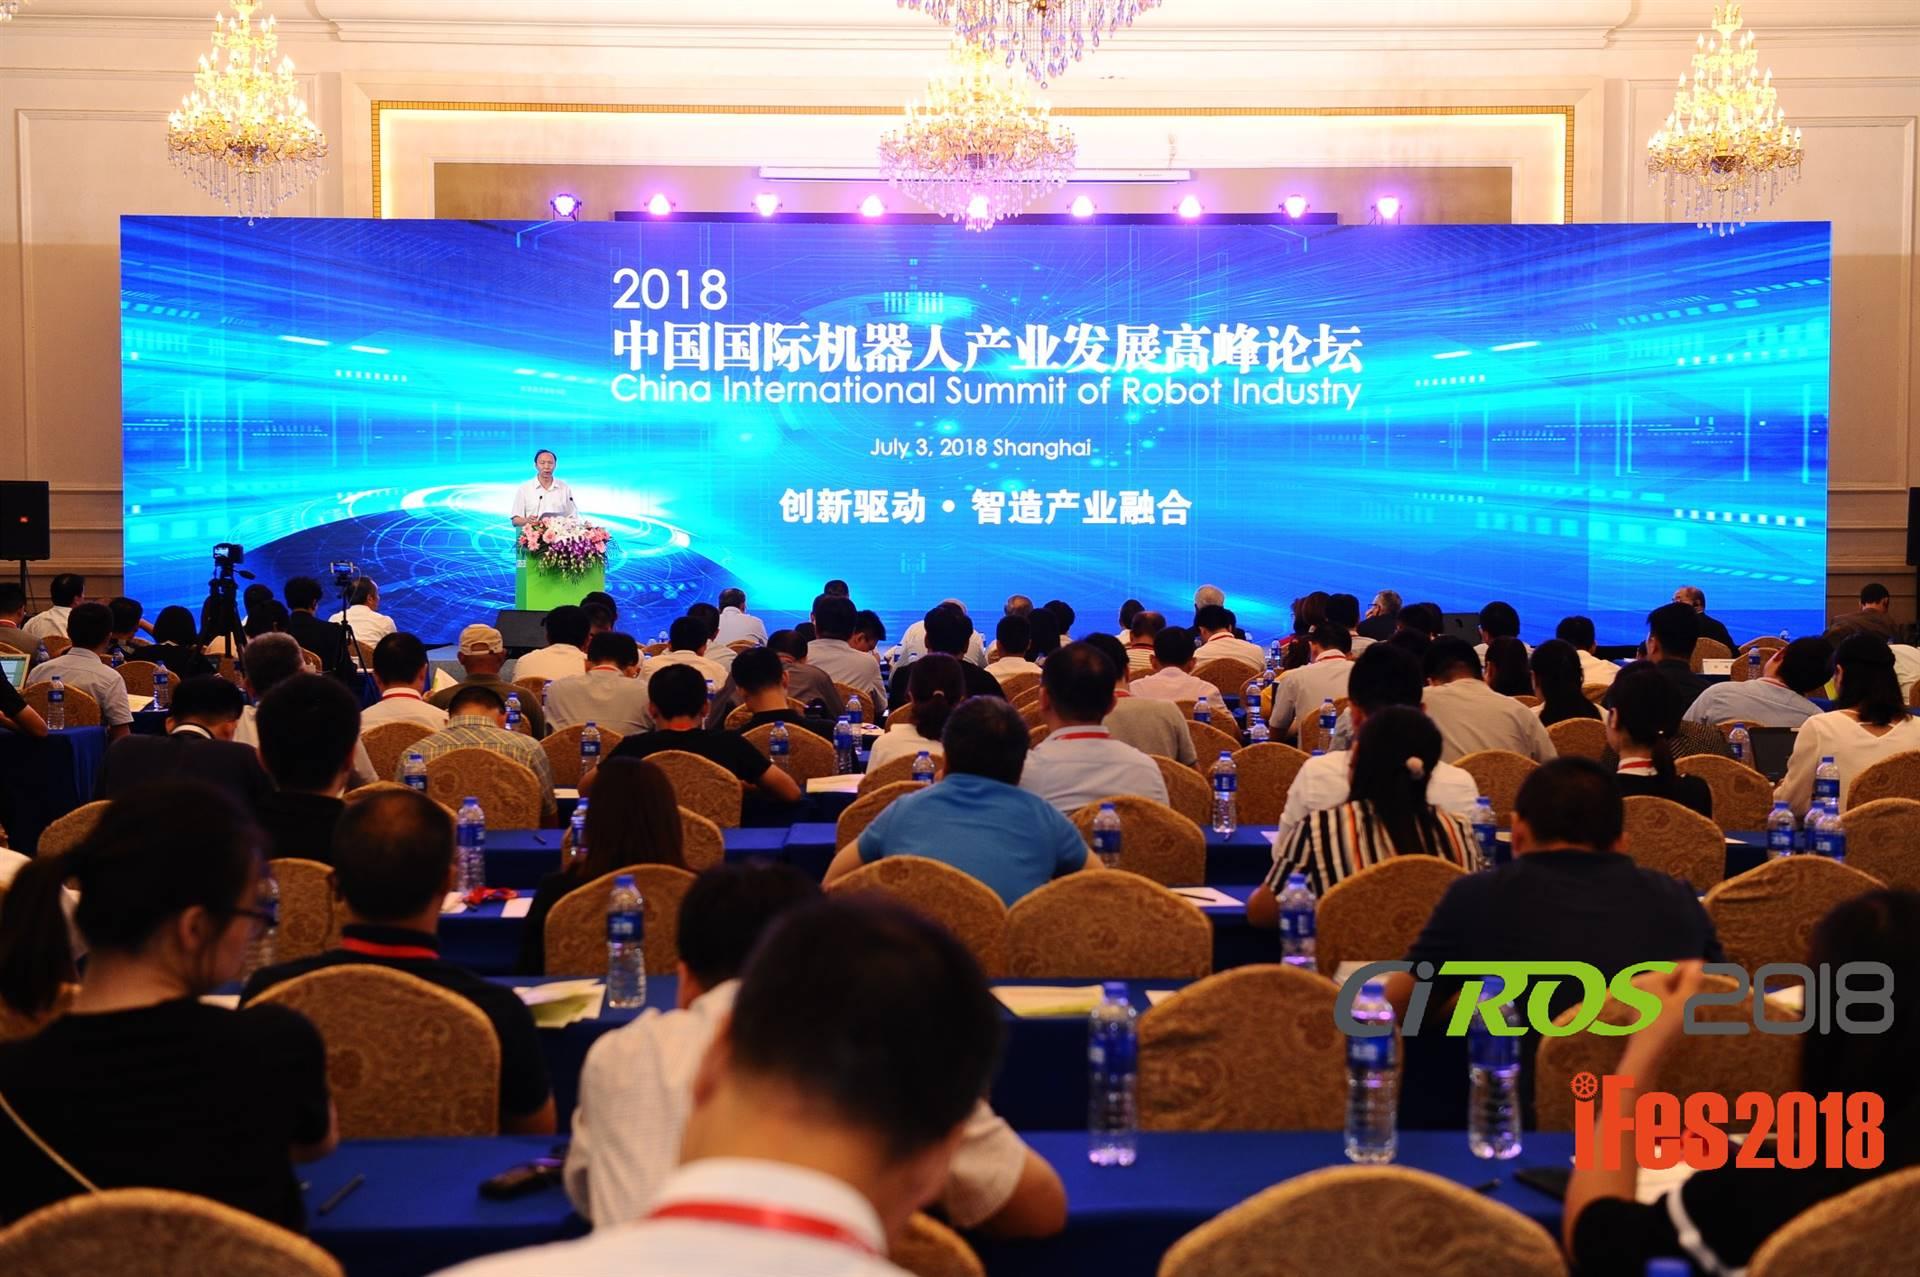 上海机器人展2019年机器人科技展览会